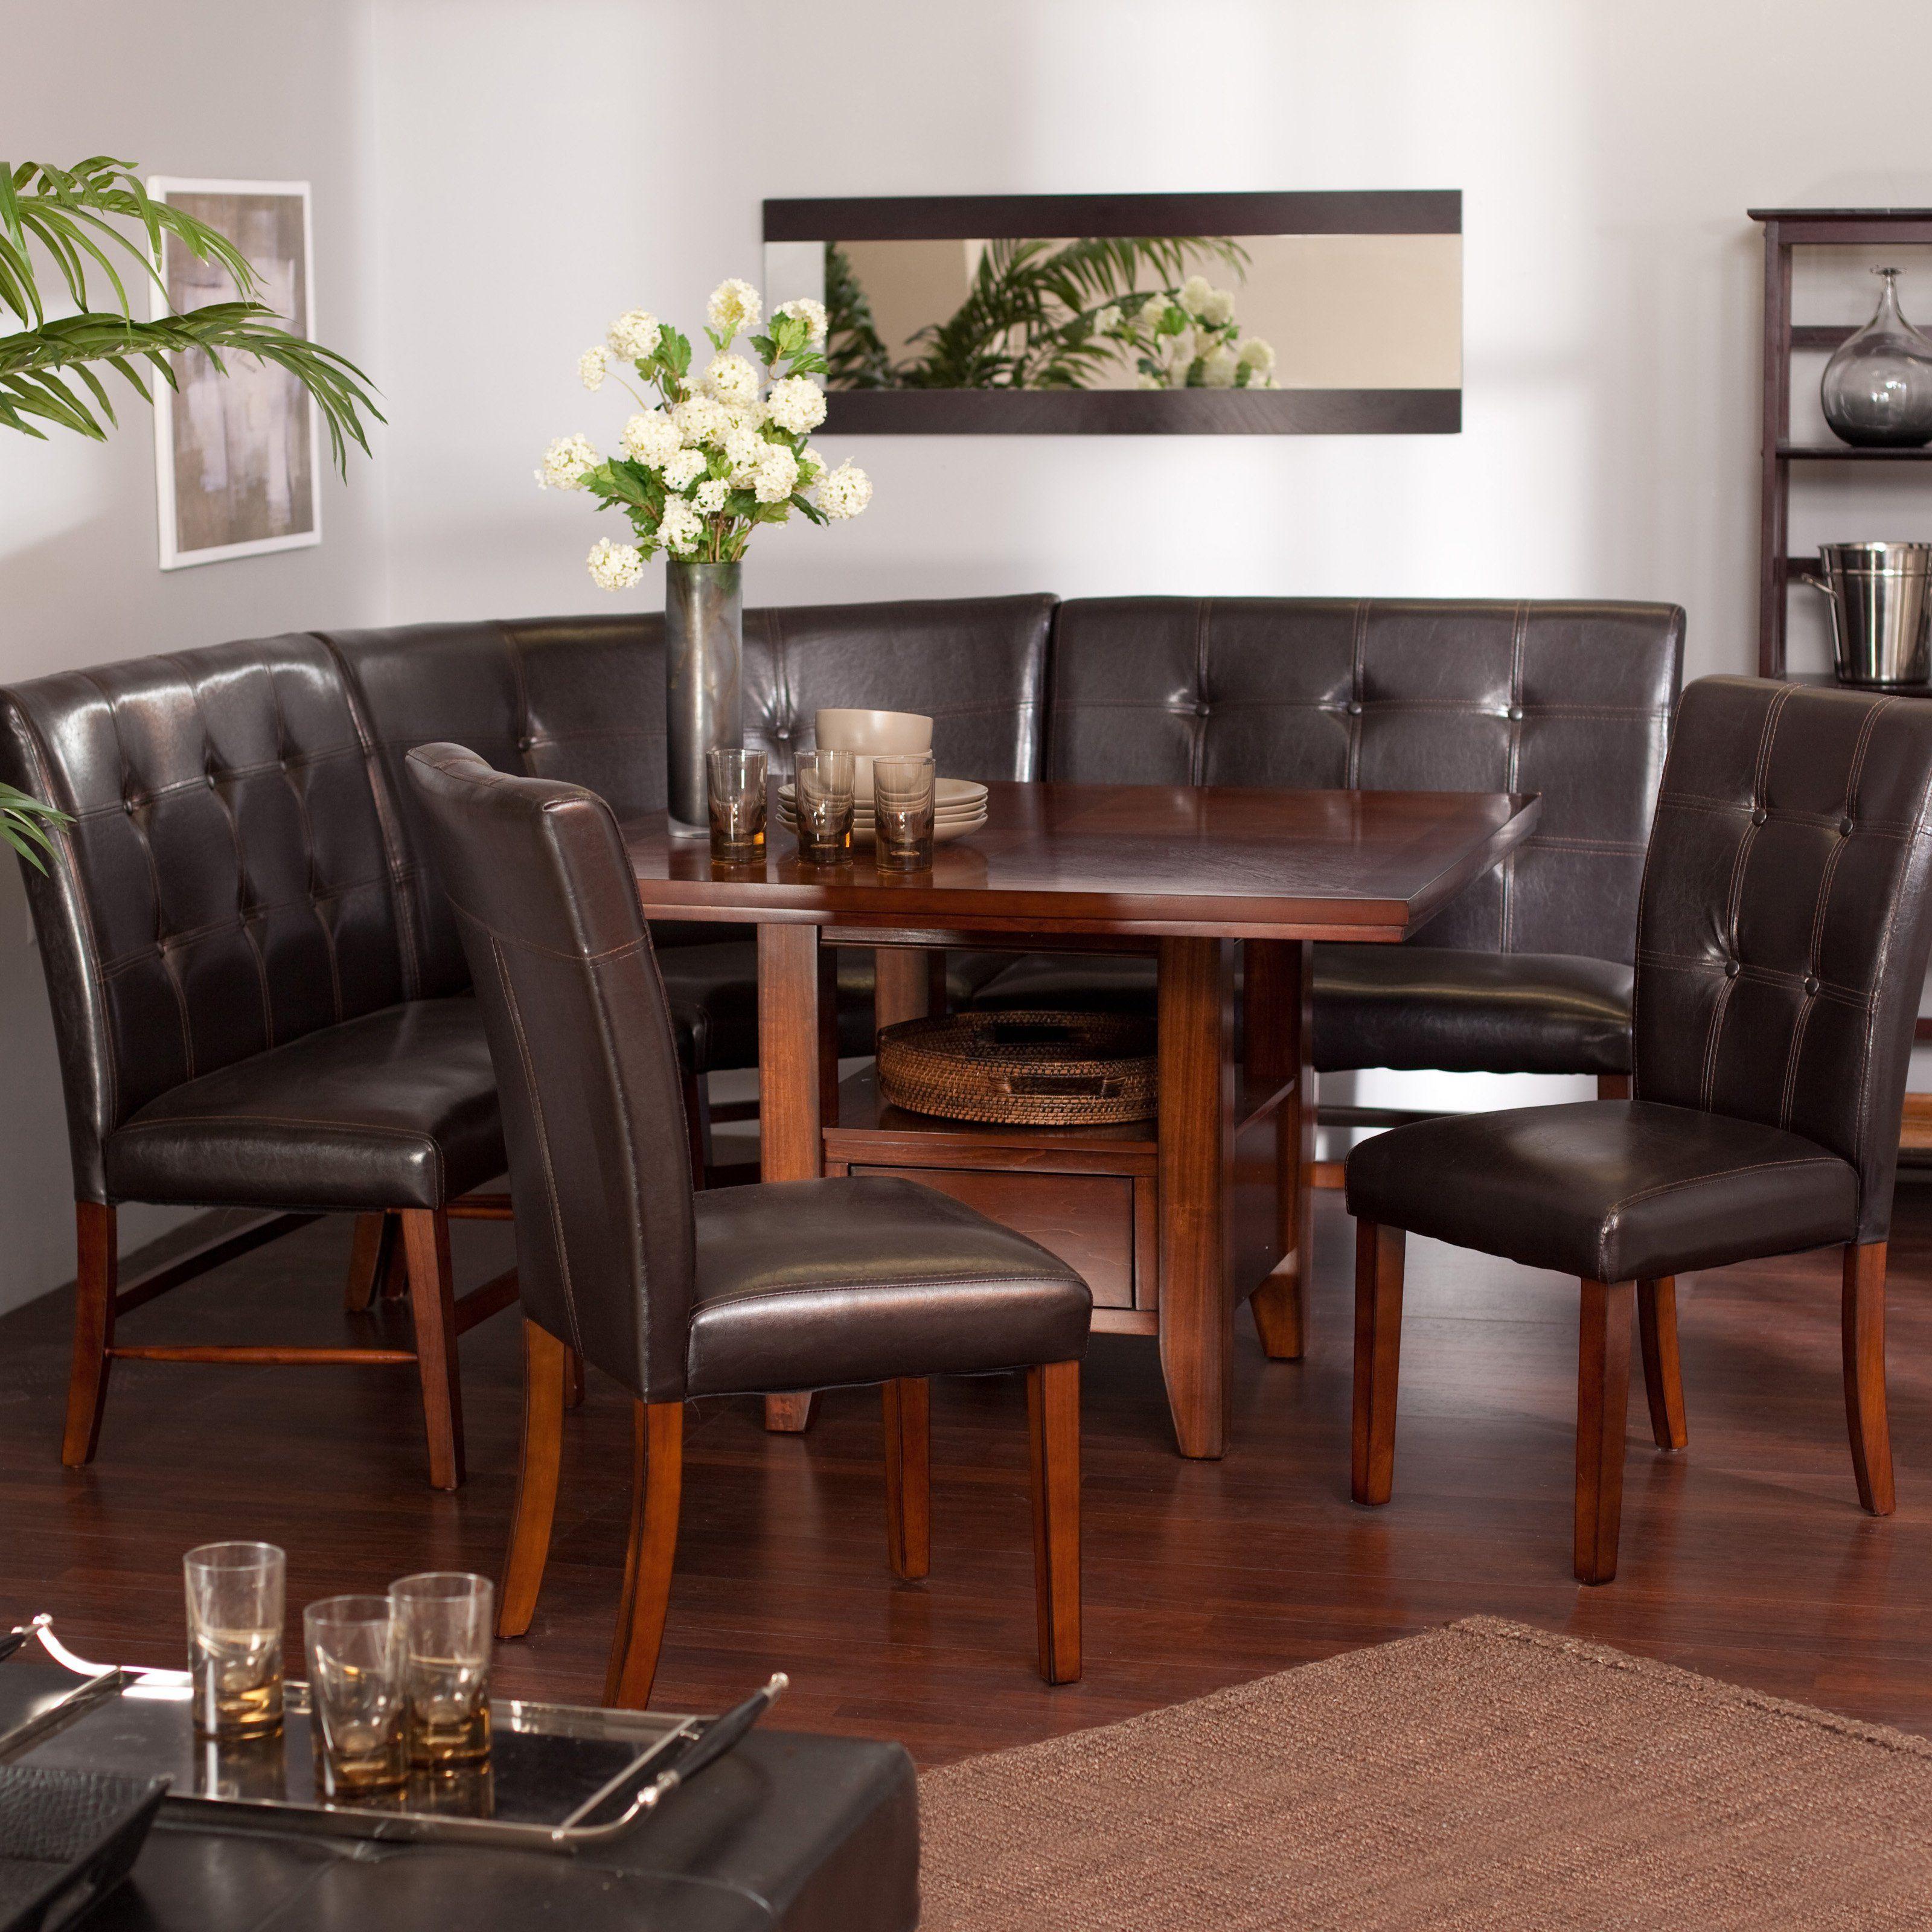 Arten von esszimmermöbeln awesome leather corner breakfast nook set with glossy  piece